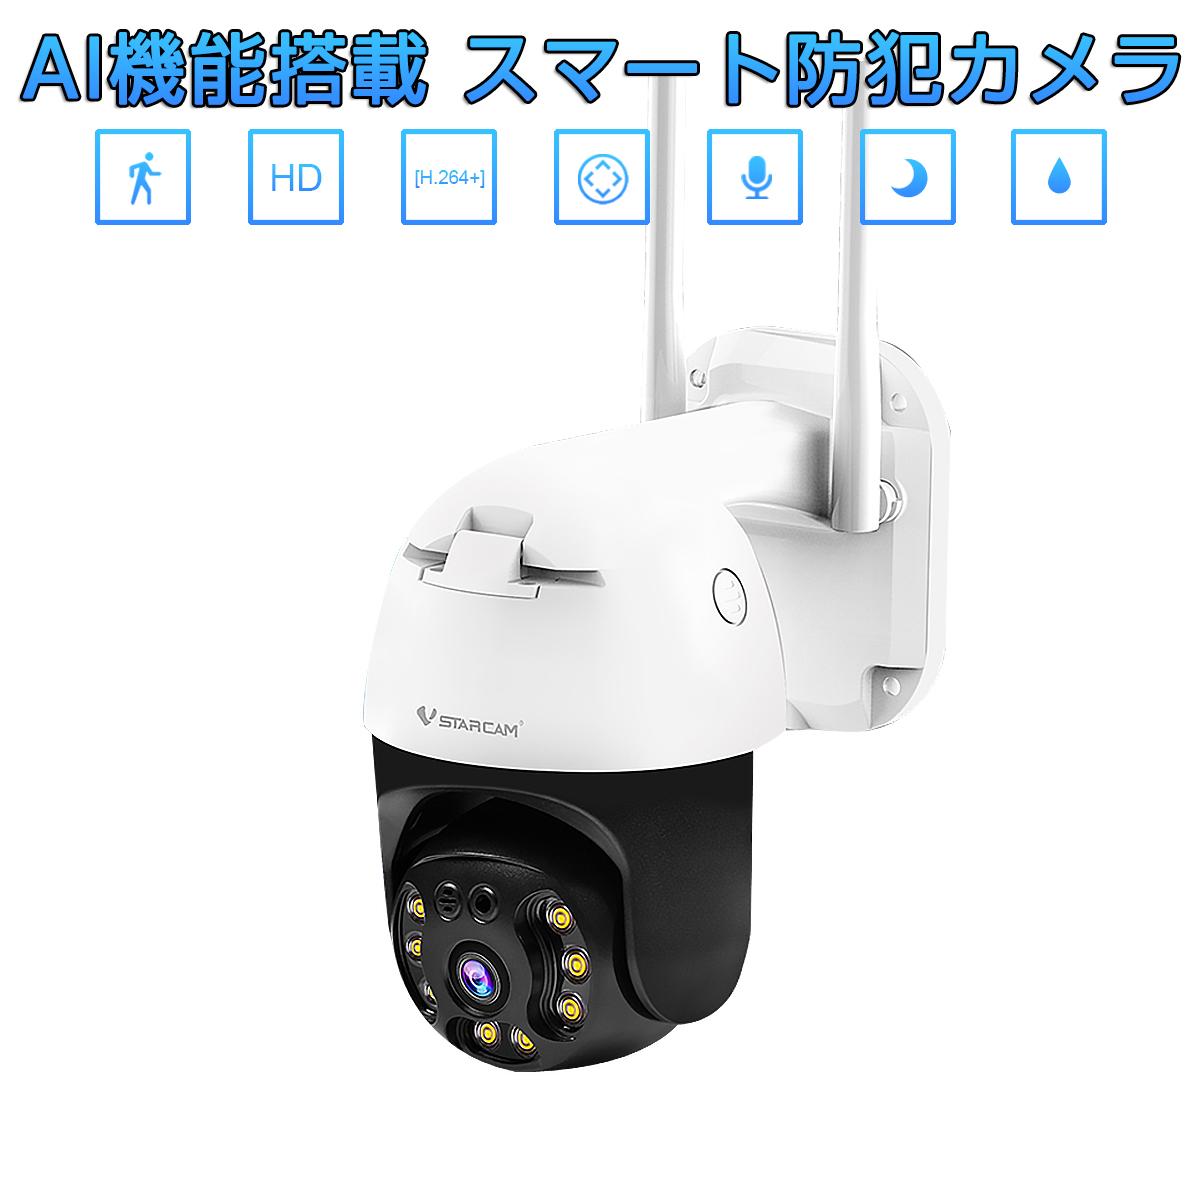 防犯カメラ ワイヤレス CS64 VStarcam 2K 1296p 300万画素 夜でもフルカラー録画 人体検知 動体検知 ライトアップ サイレン ONVIF対応 ペット wifi 無線 APモード MicroSDカード録画 録音 遠隔監視 ネットワーク 屋内外兼用 IP カメラ 宅配便送料無料 PSE 技適 6ヶ月保証